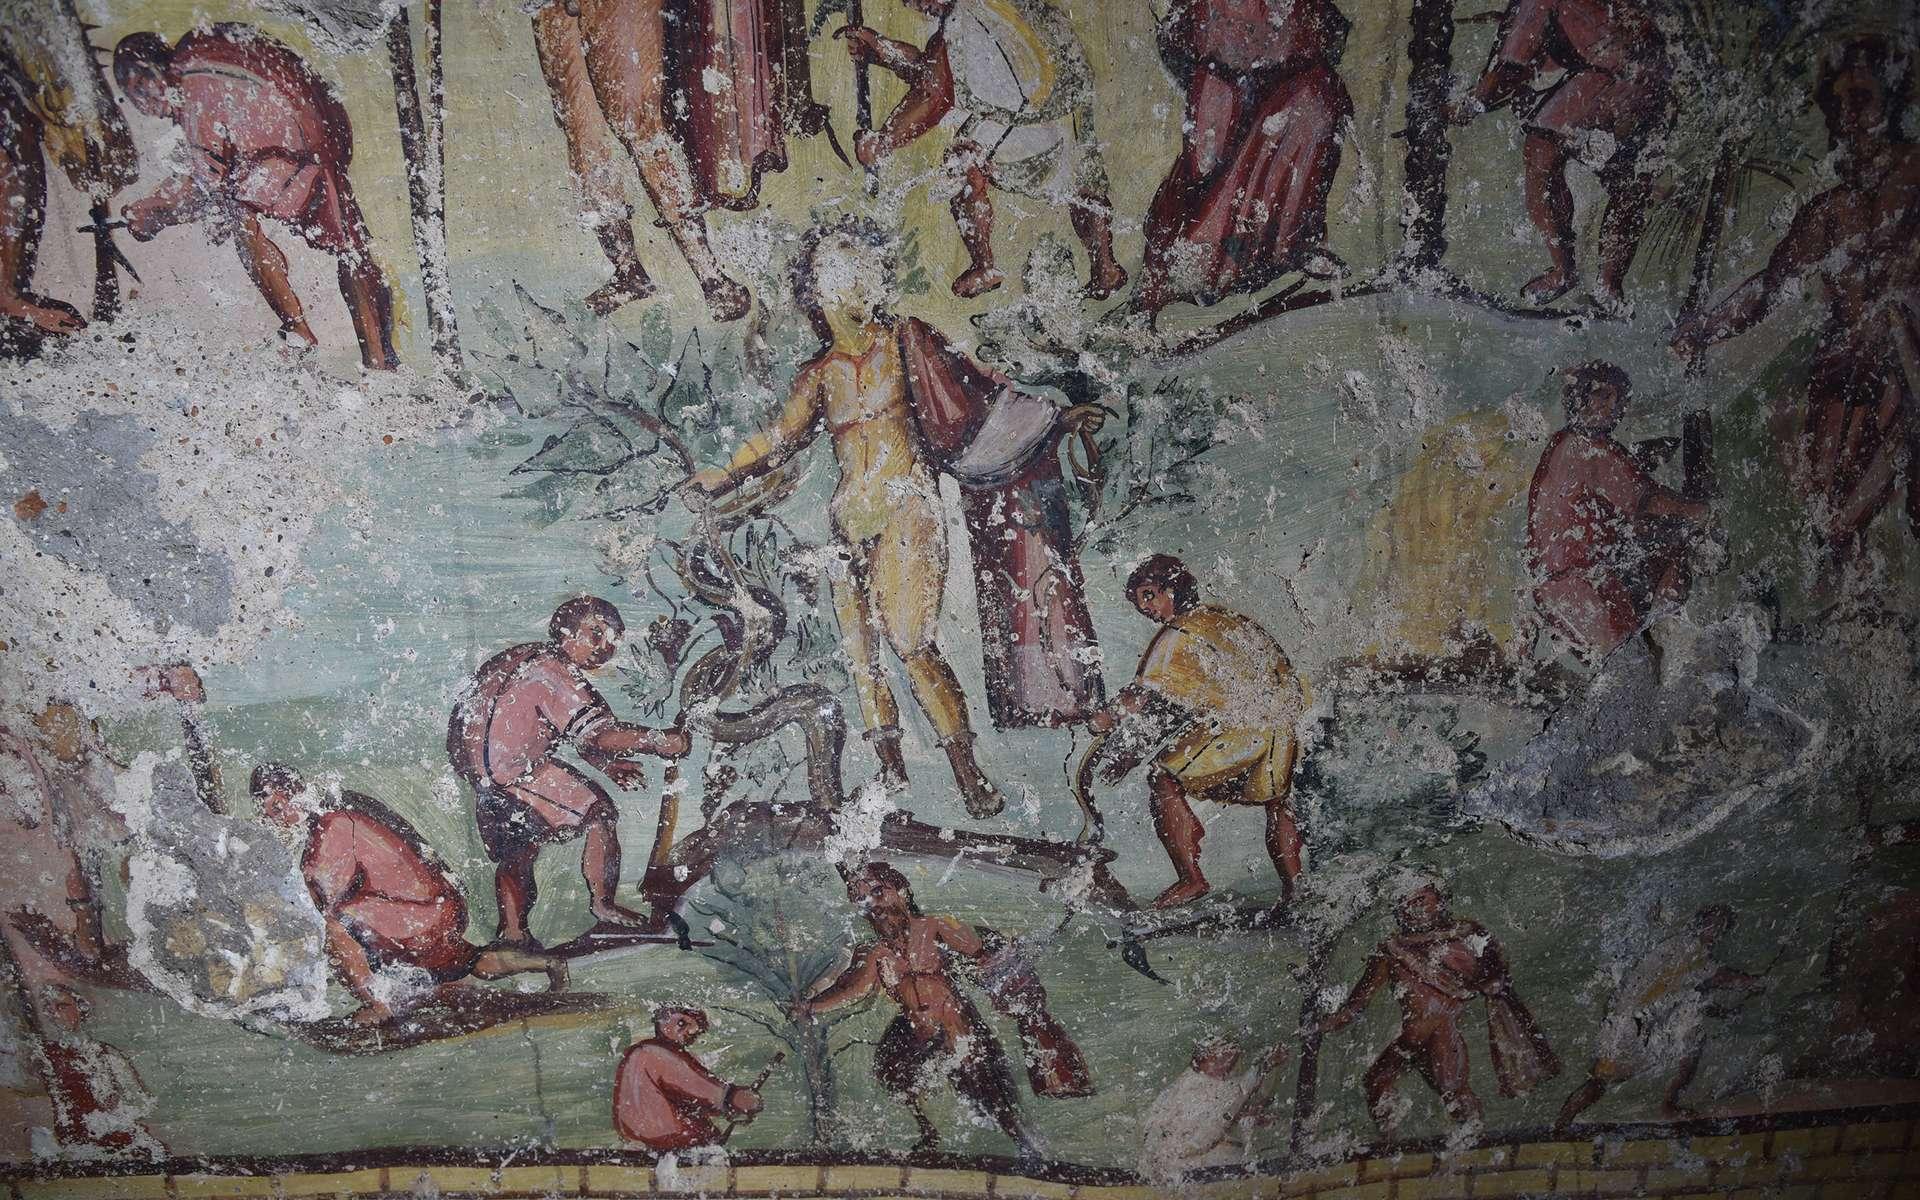 Scène illustrant le défrichage du site de Capitolias avec l'aide des dieux, dont Dionysos, dans un tombeau d'époque romaine mis au jour en Jordanie. Il présente une iconographie d'une richesse inégalée. © CNRS, Hisoma